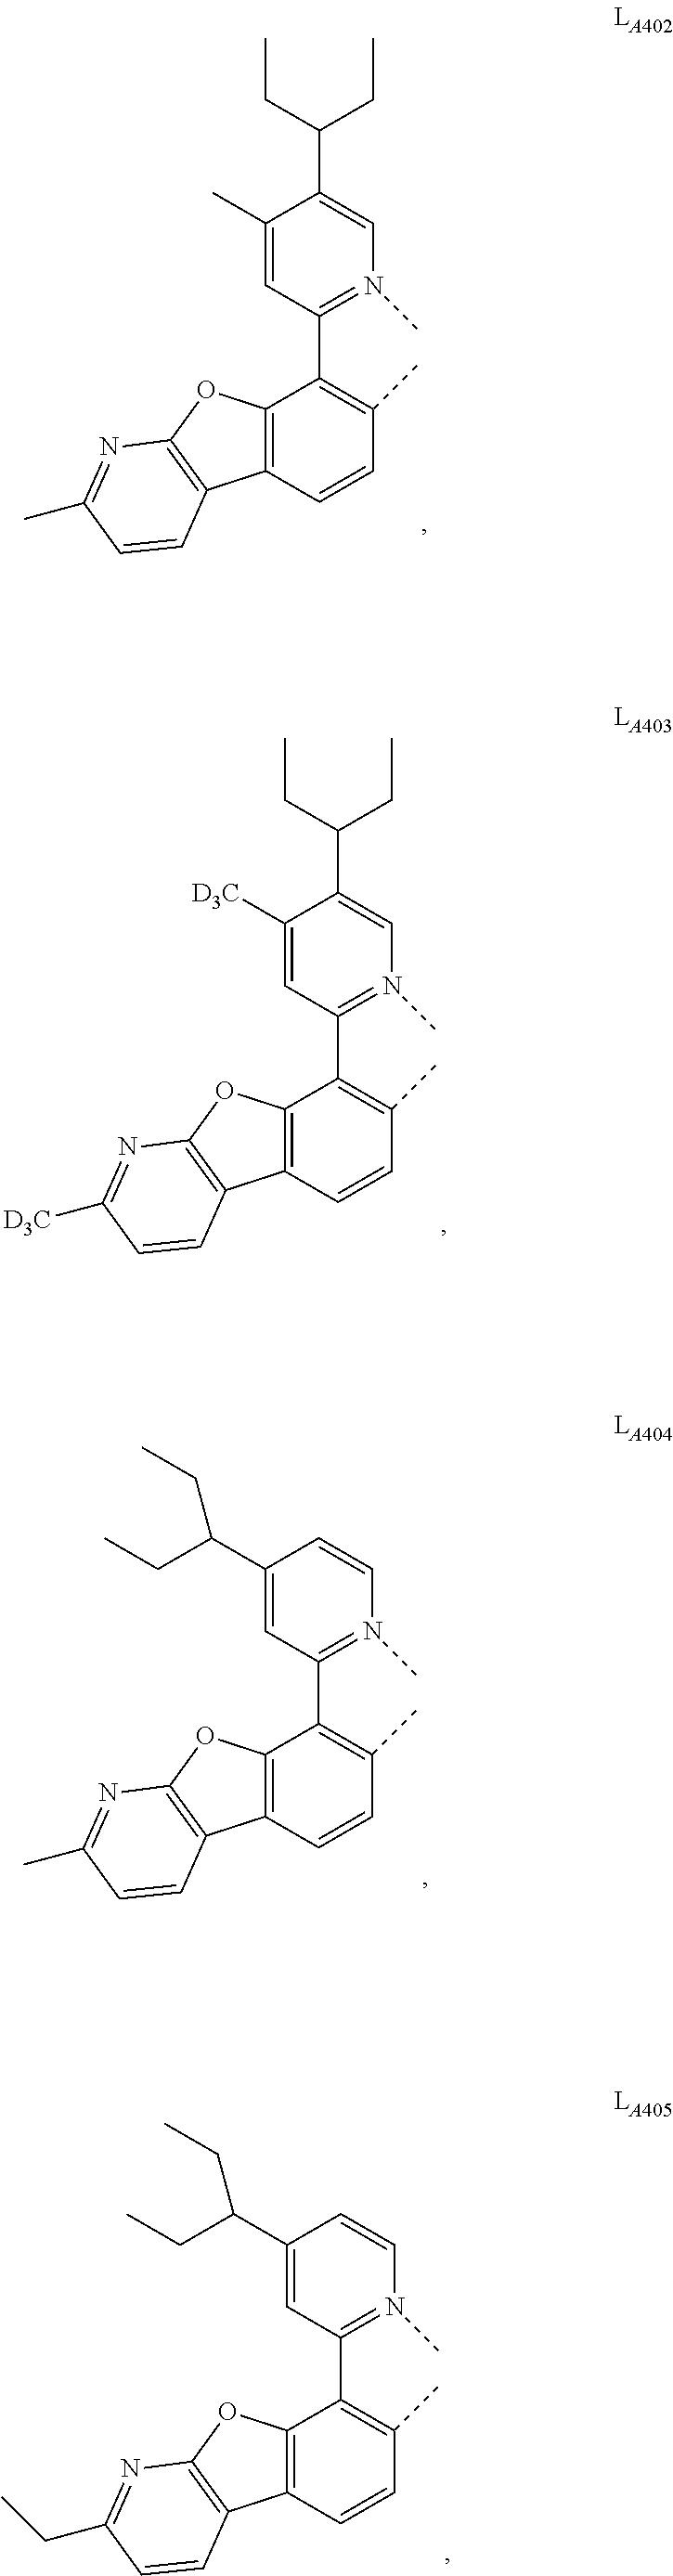 Figure US20160049599A1-20160218-C00105